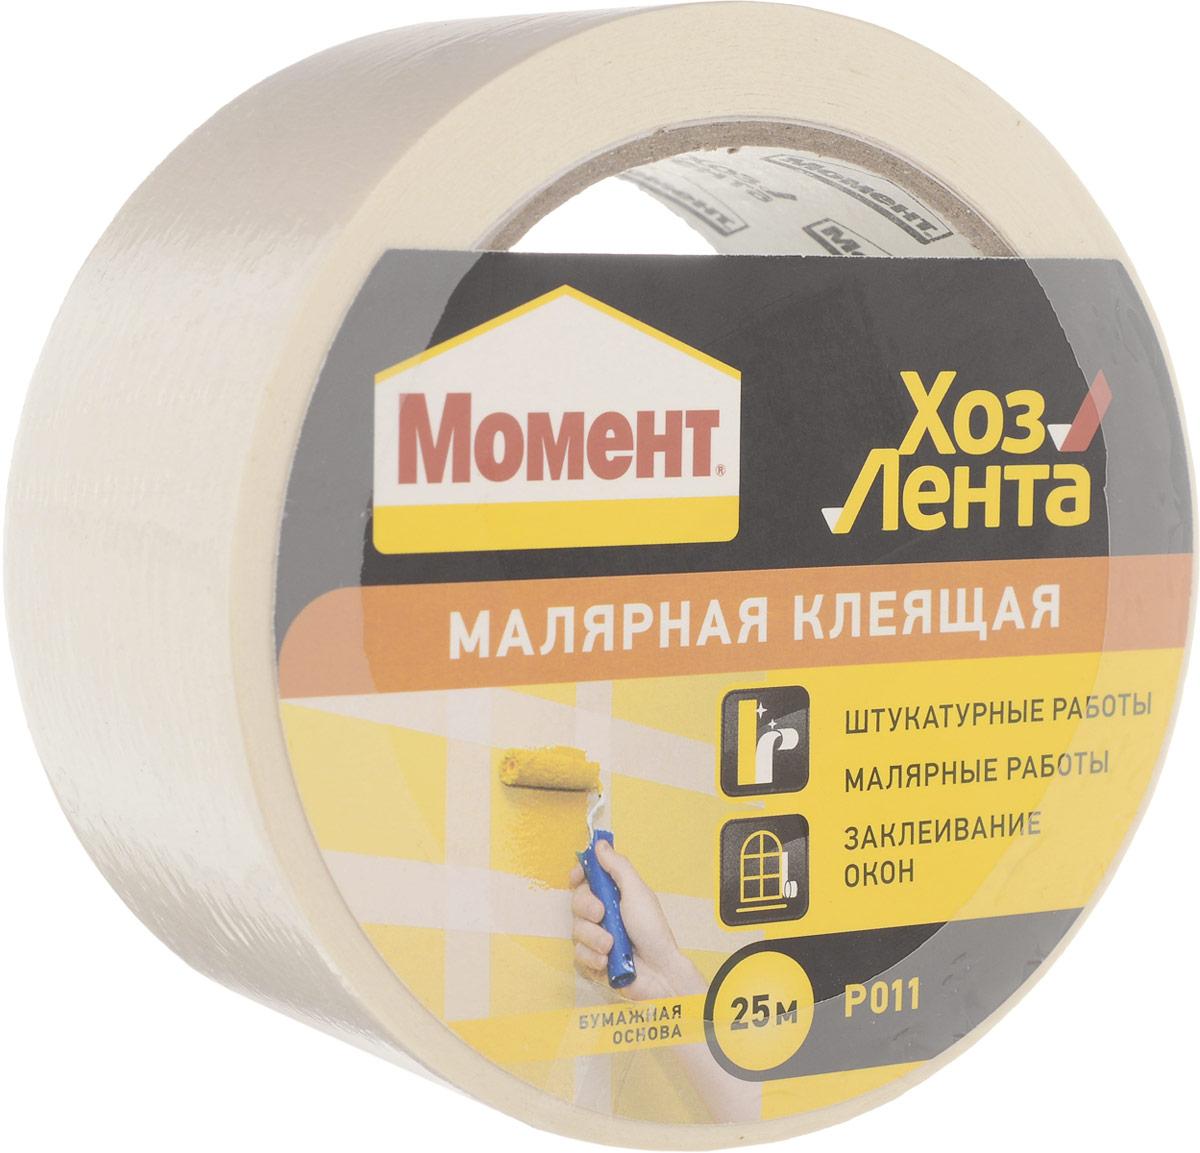 """Лента клеящая Момент """"ХозЛента"""", малярная, цвет: белый, 25 м"""